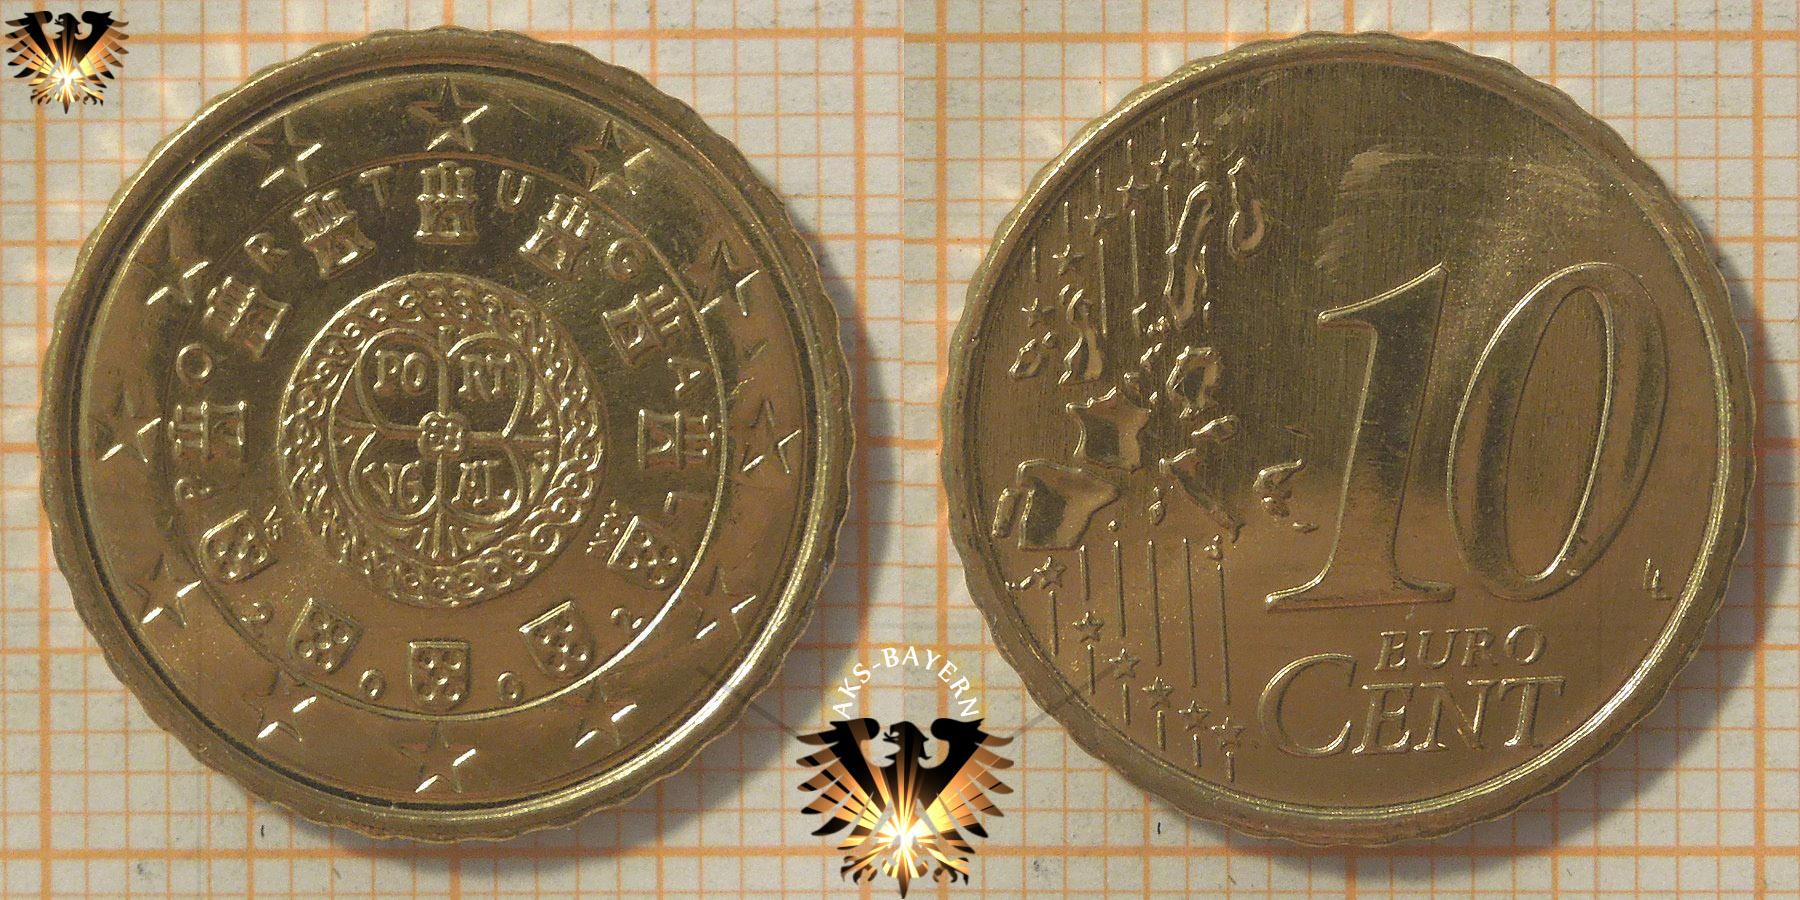 10 Euro Cent Portugal 2002 Nominal Königliches Siegel Von 1142